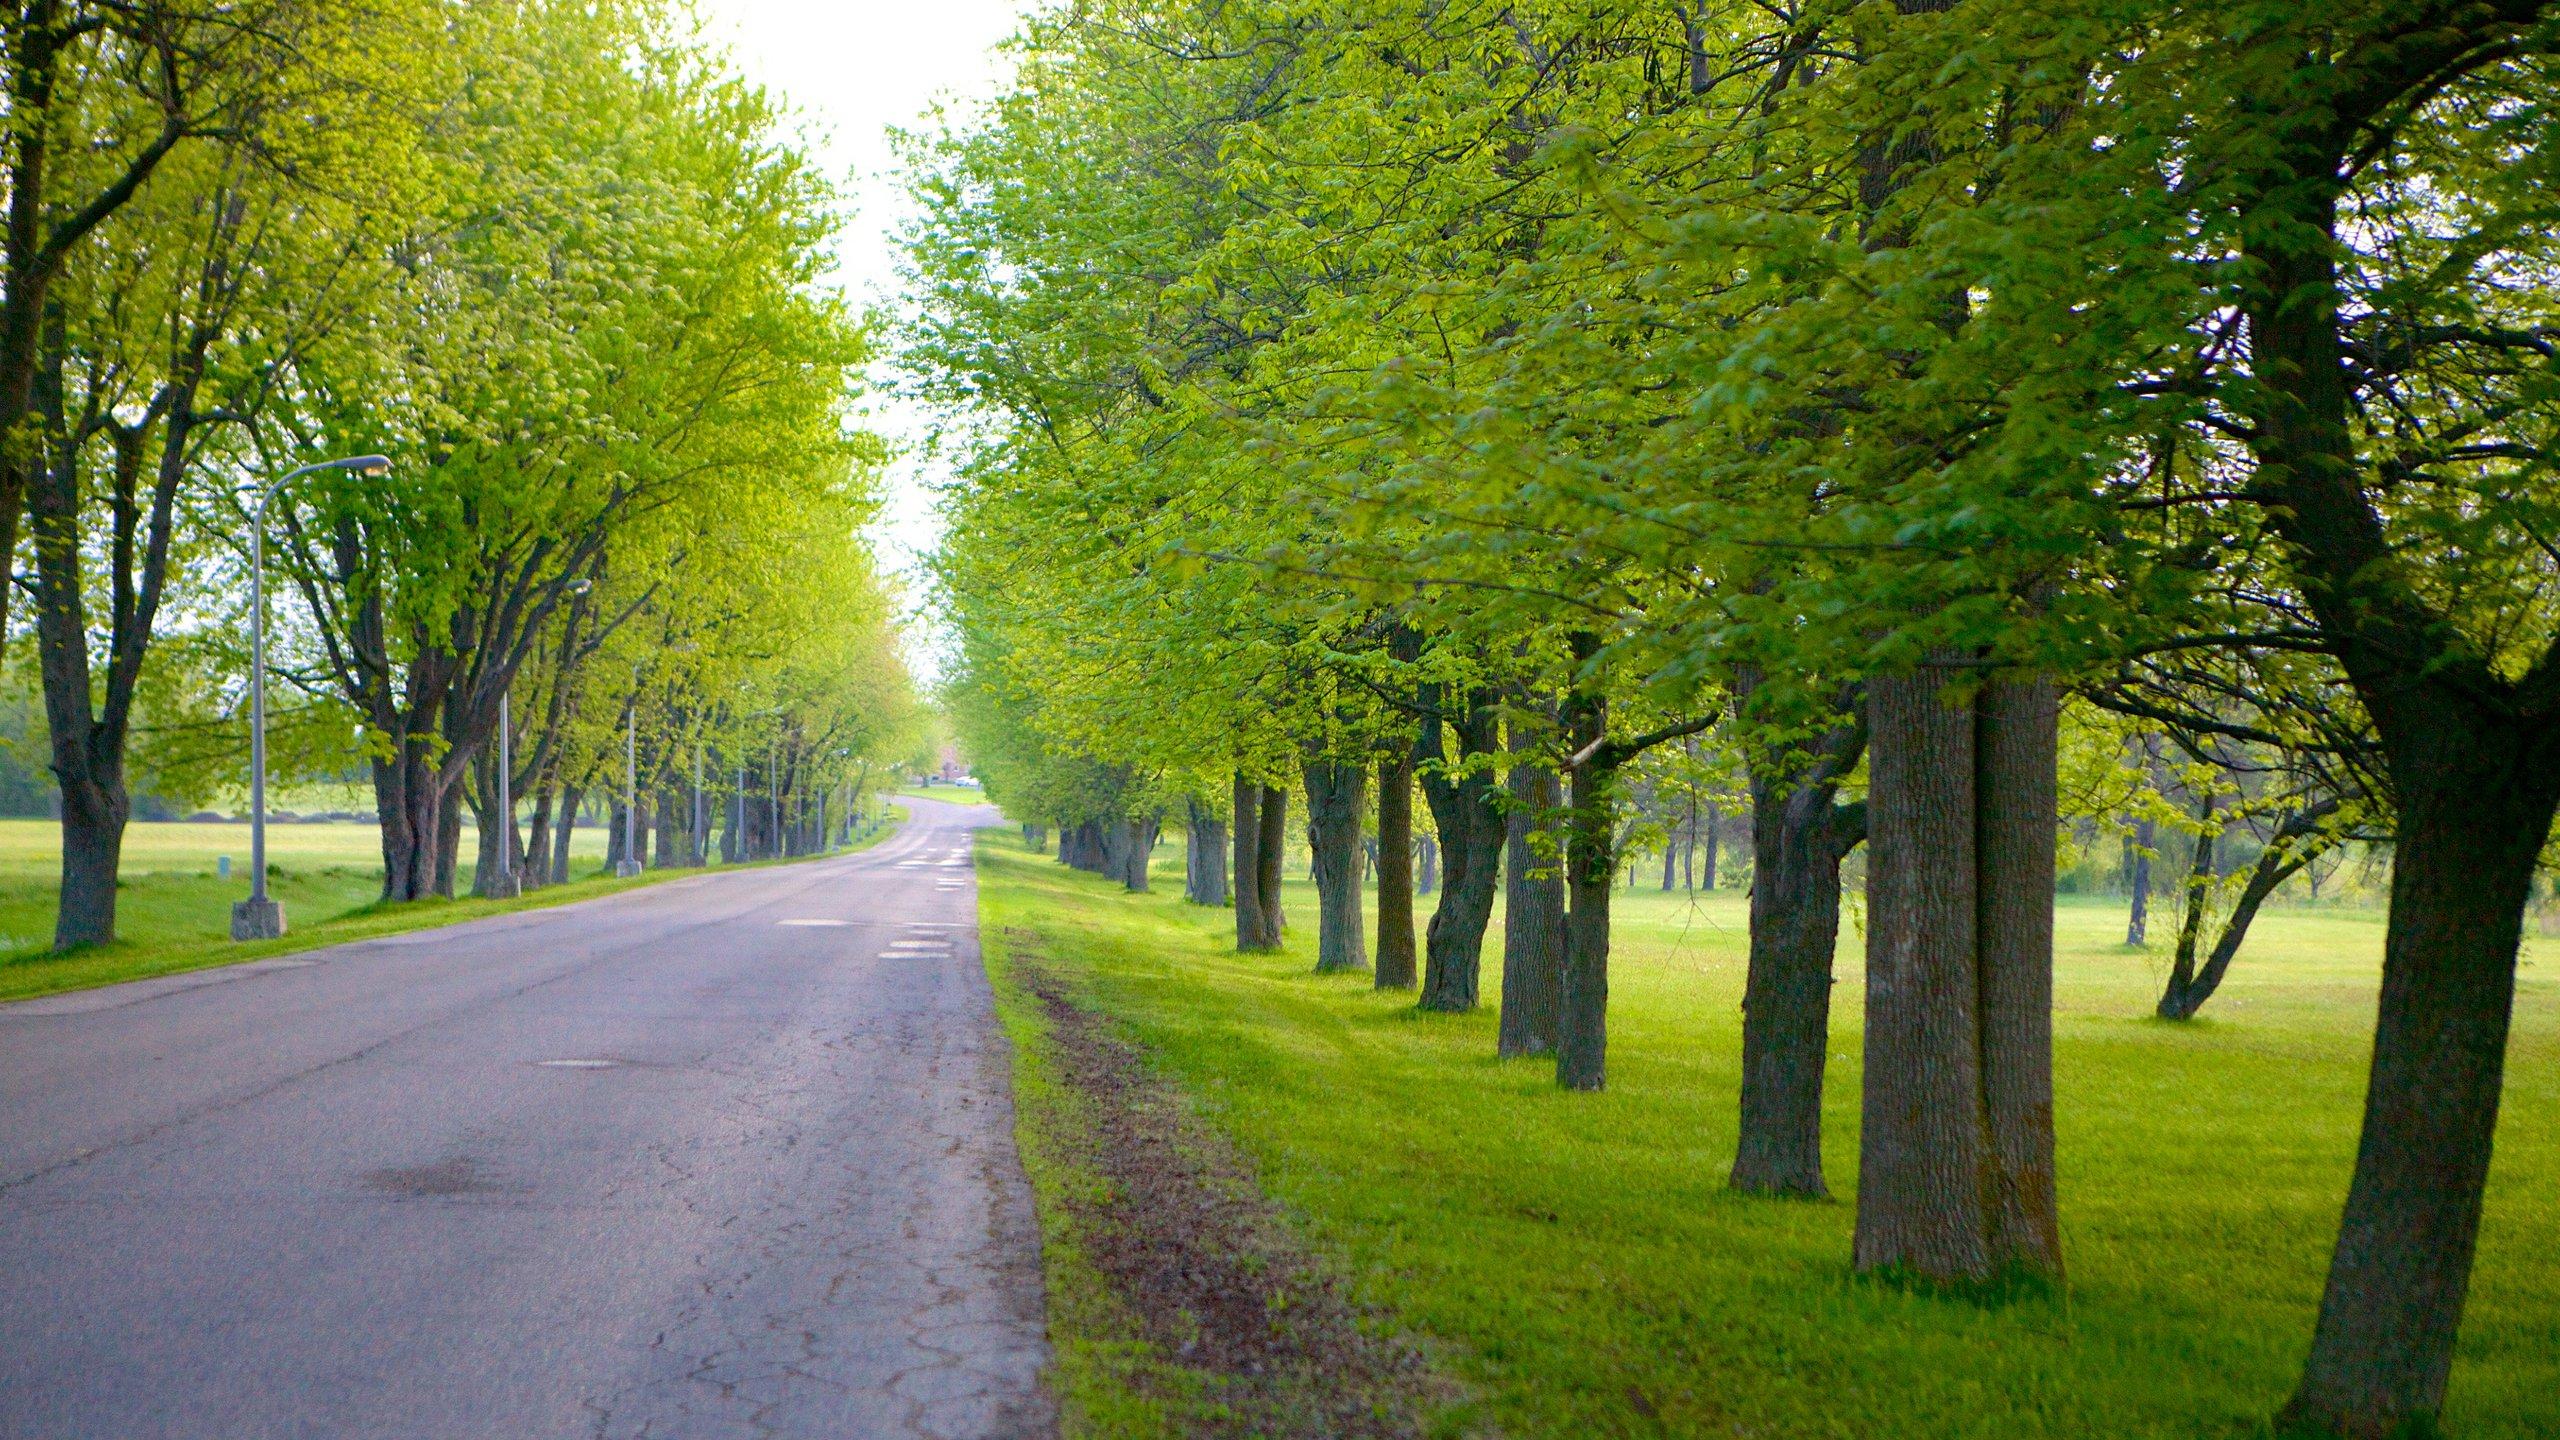 Lanark County, Ontario, Canada